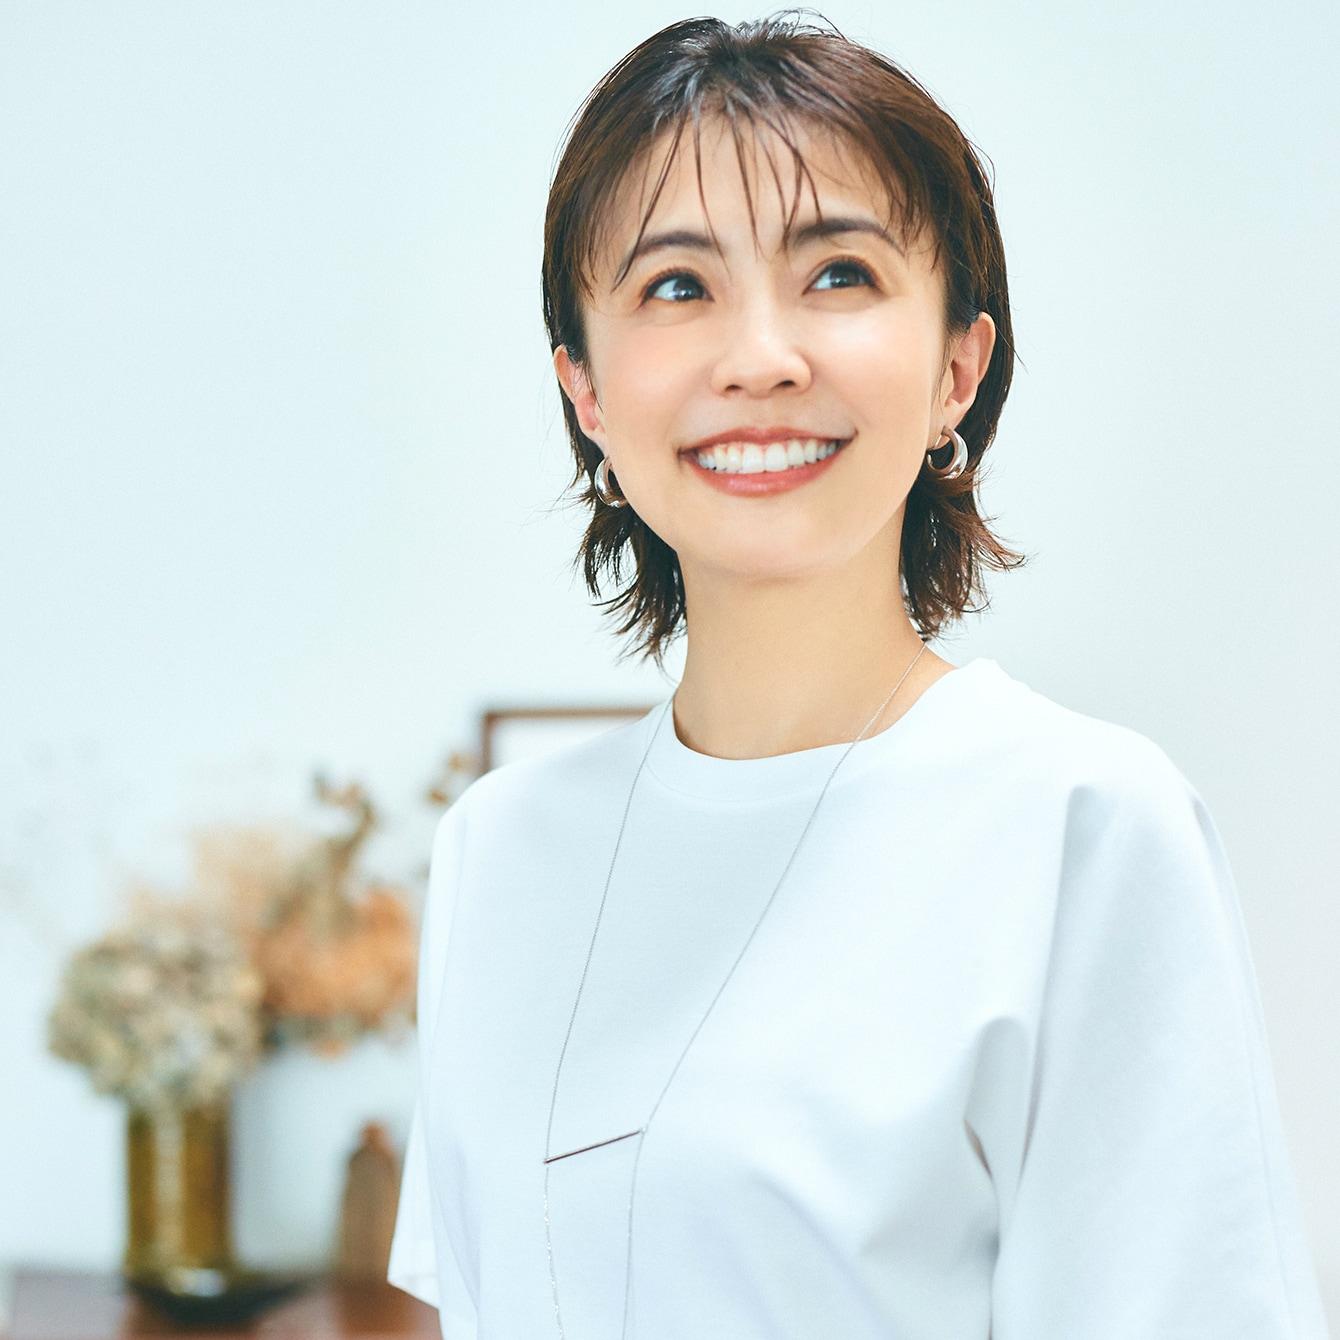 【小林麻耶さん】髪を切って服はどう変わる?苦手だった白Tシャツに挑戦